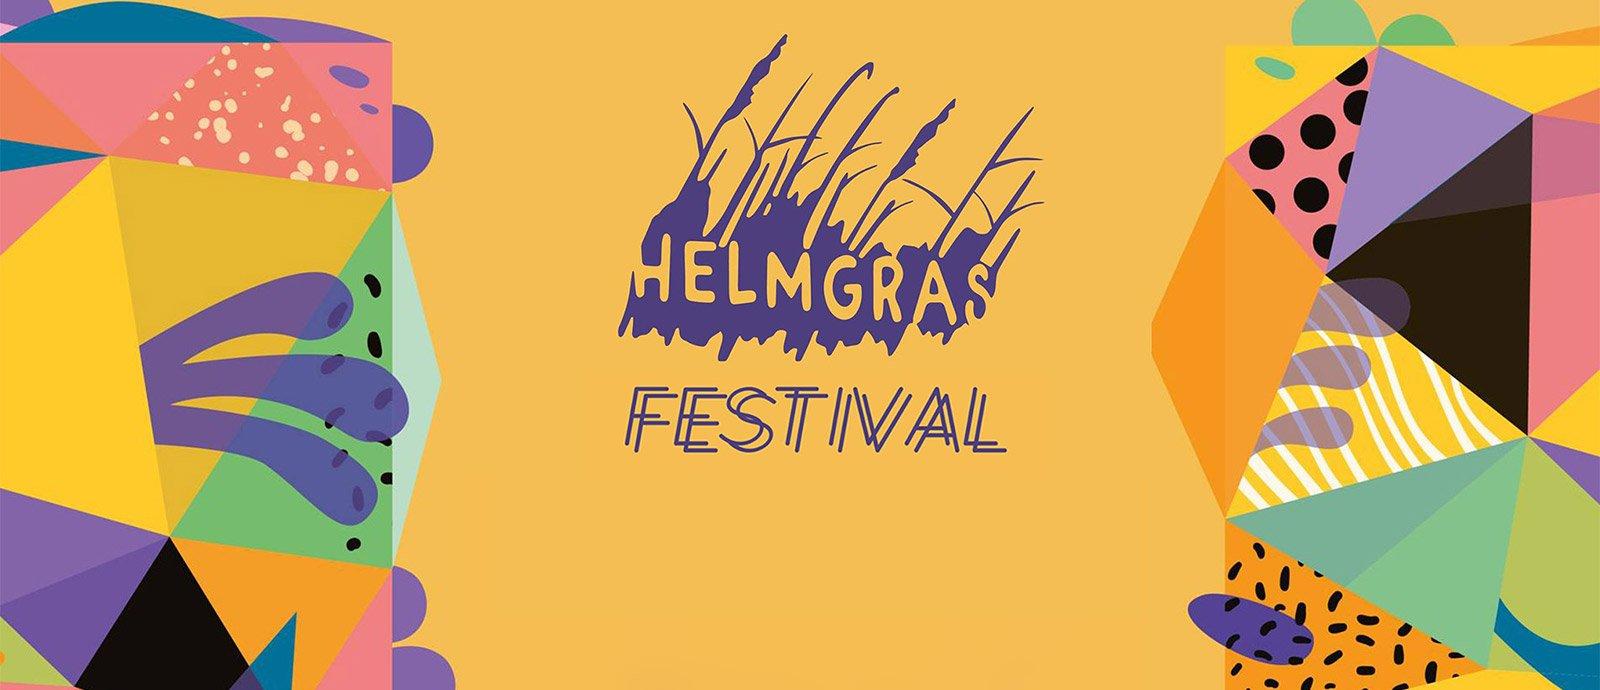 Helmgrasfestival op vrijdag 30 en zaterdag 31 augustus 2019